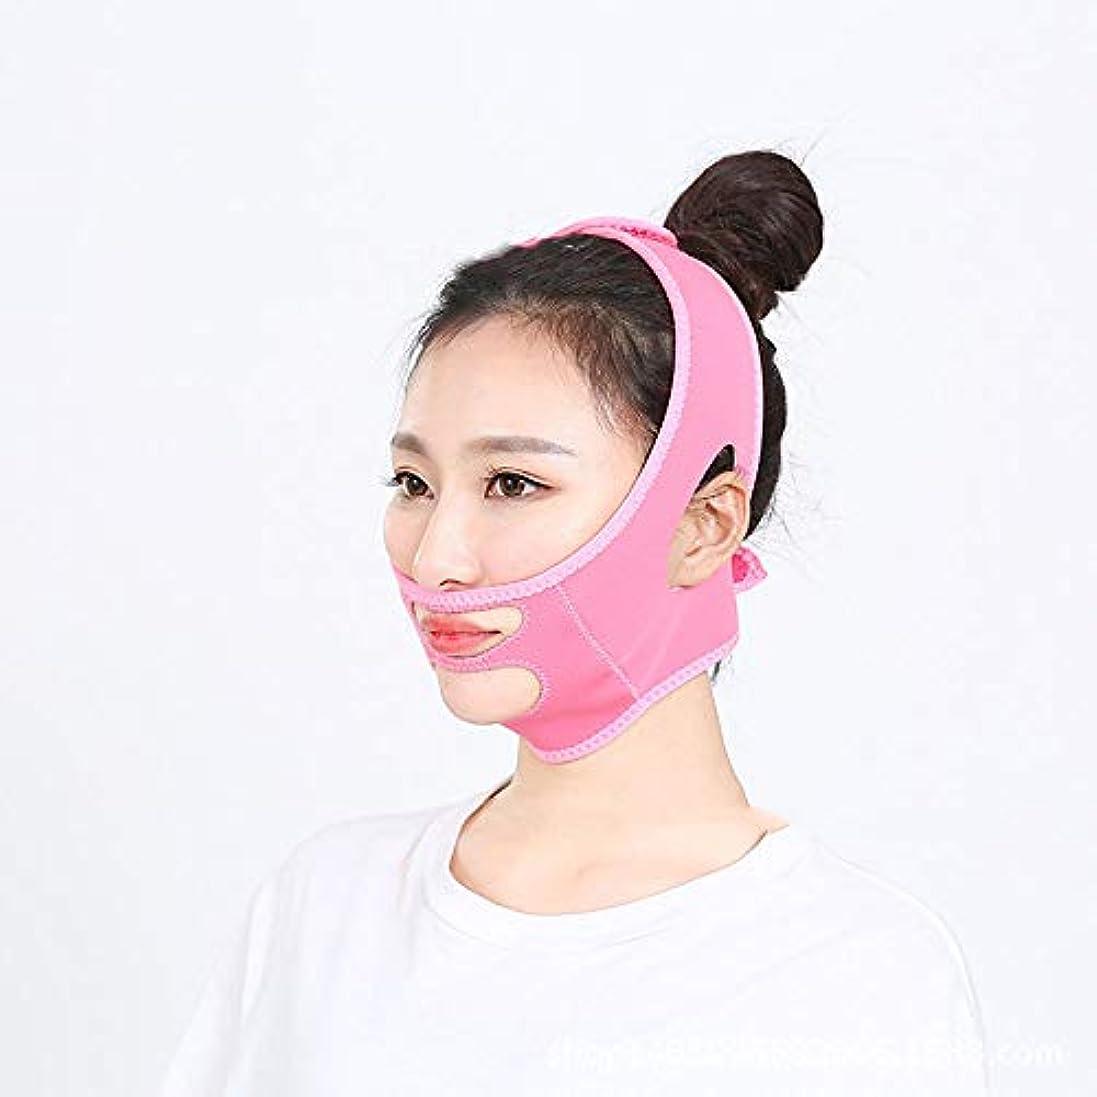 対応する放棄染料フェイスリフトマスク包帯、フェイスリフティングアーティファクト/vフェイススリープマスク/フェイスリフト補正メロンフェイスシェイパー(ブルー/パープル/ピンク),Pink